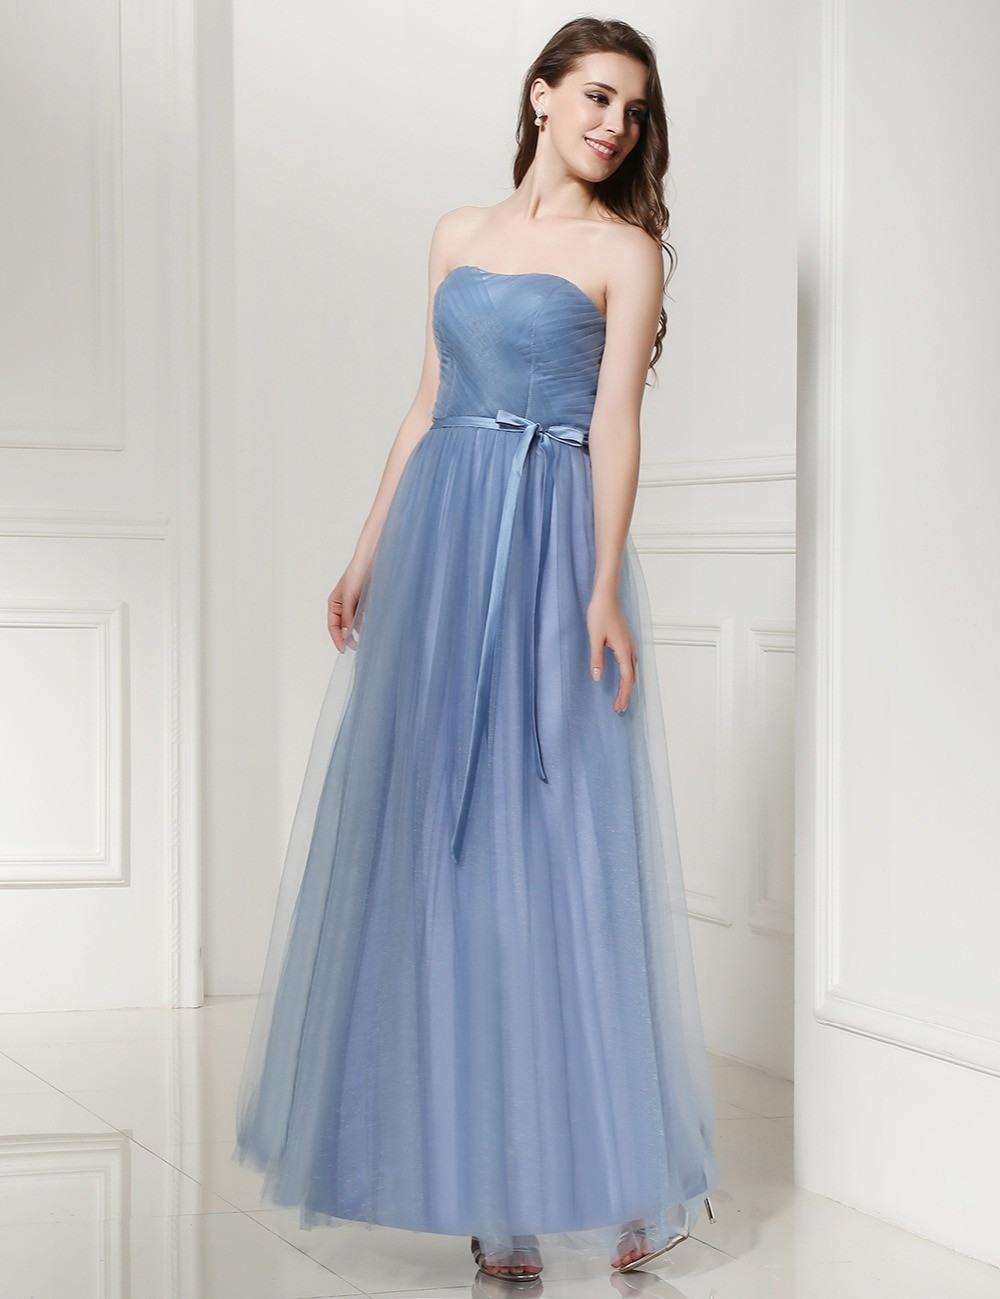 Formal Luxus Blaue Kleider Hochzeit Für 2019 - Abendkleid